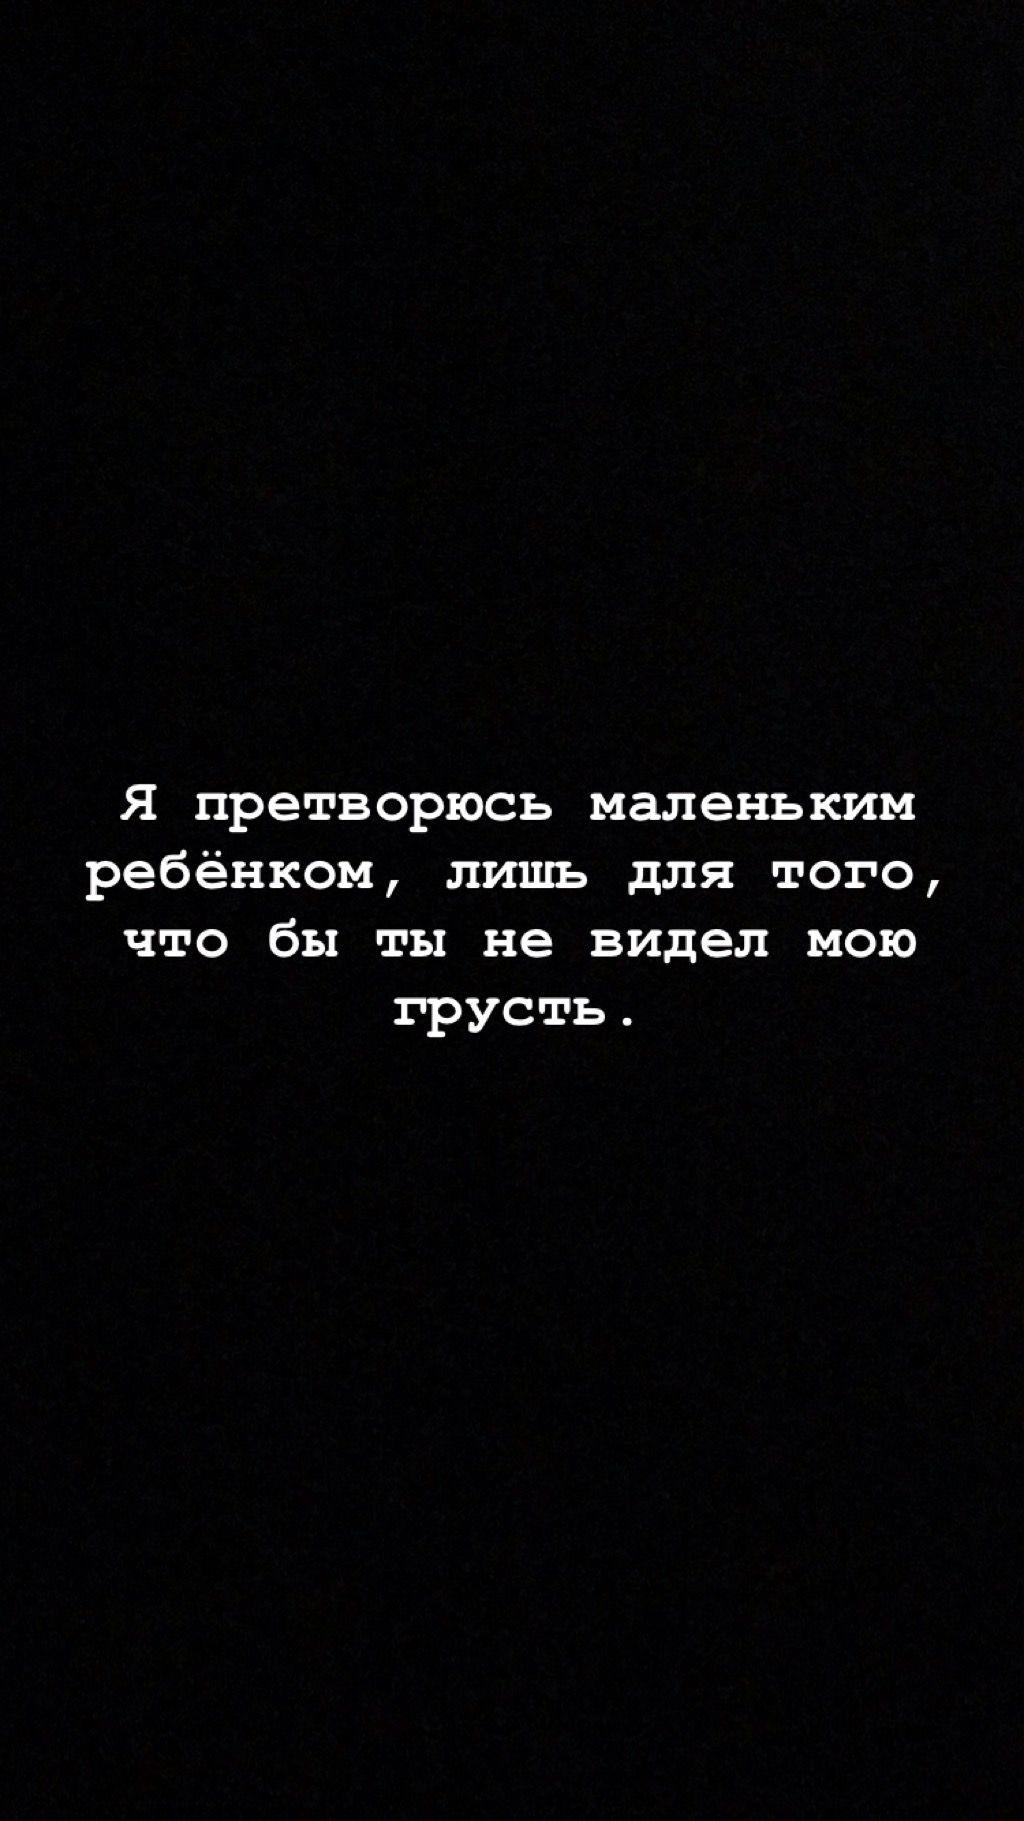 Черные картинки с надписями про жизнь